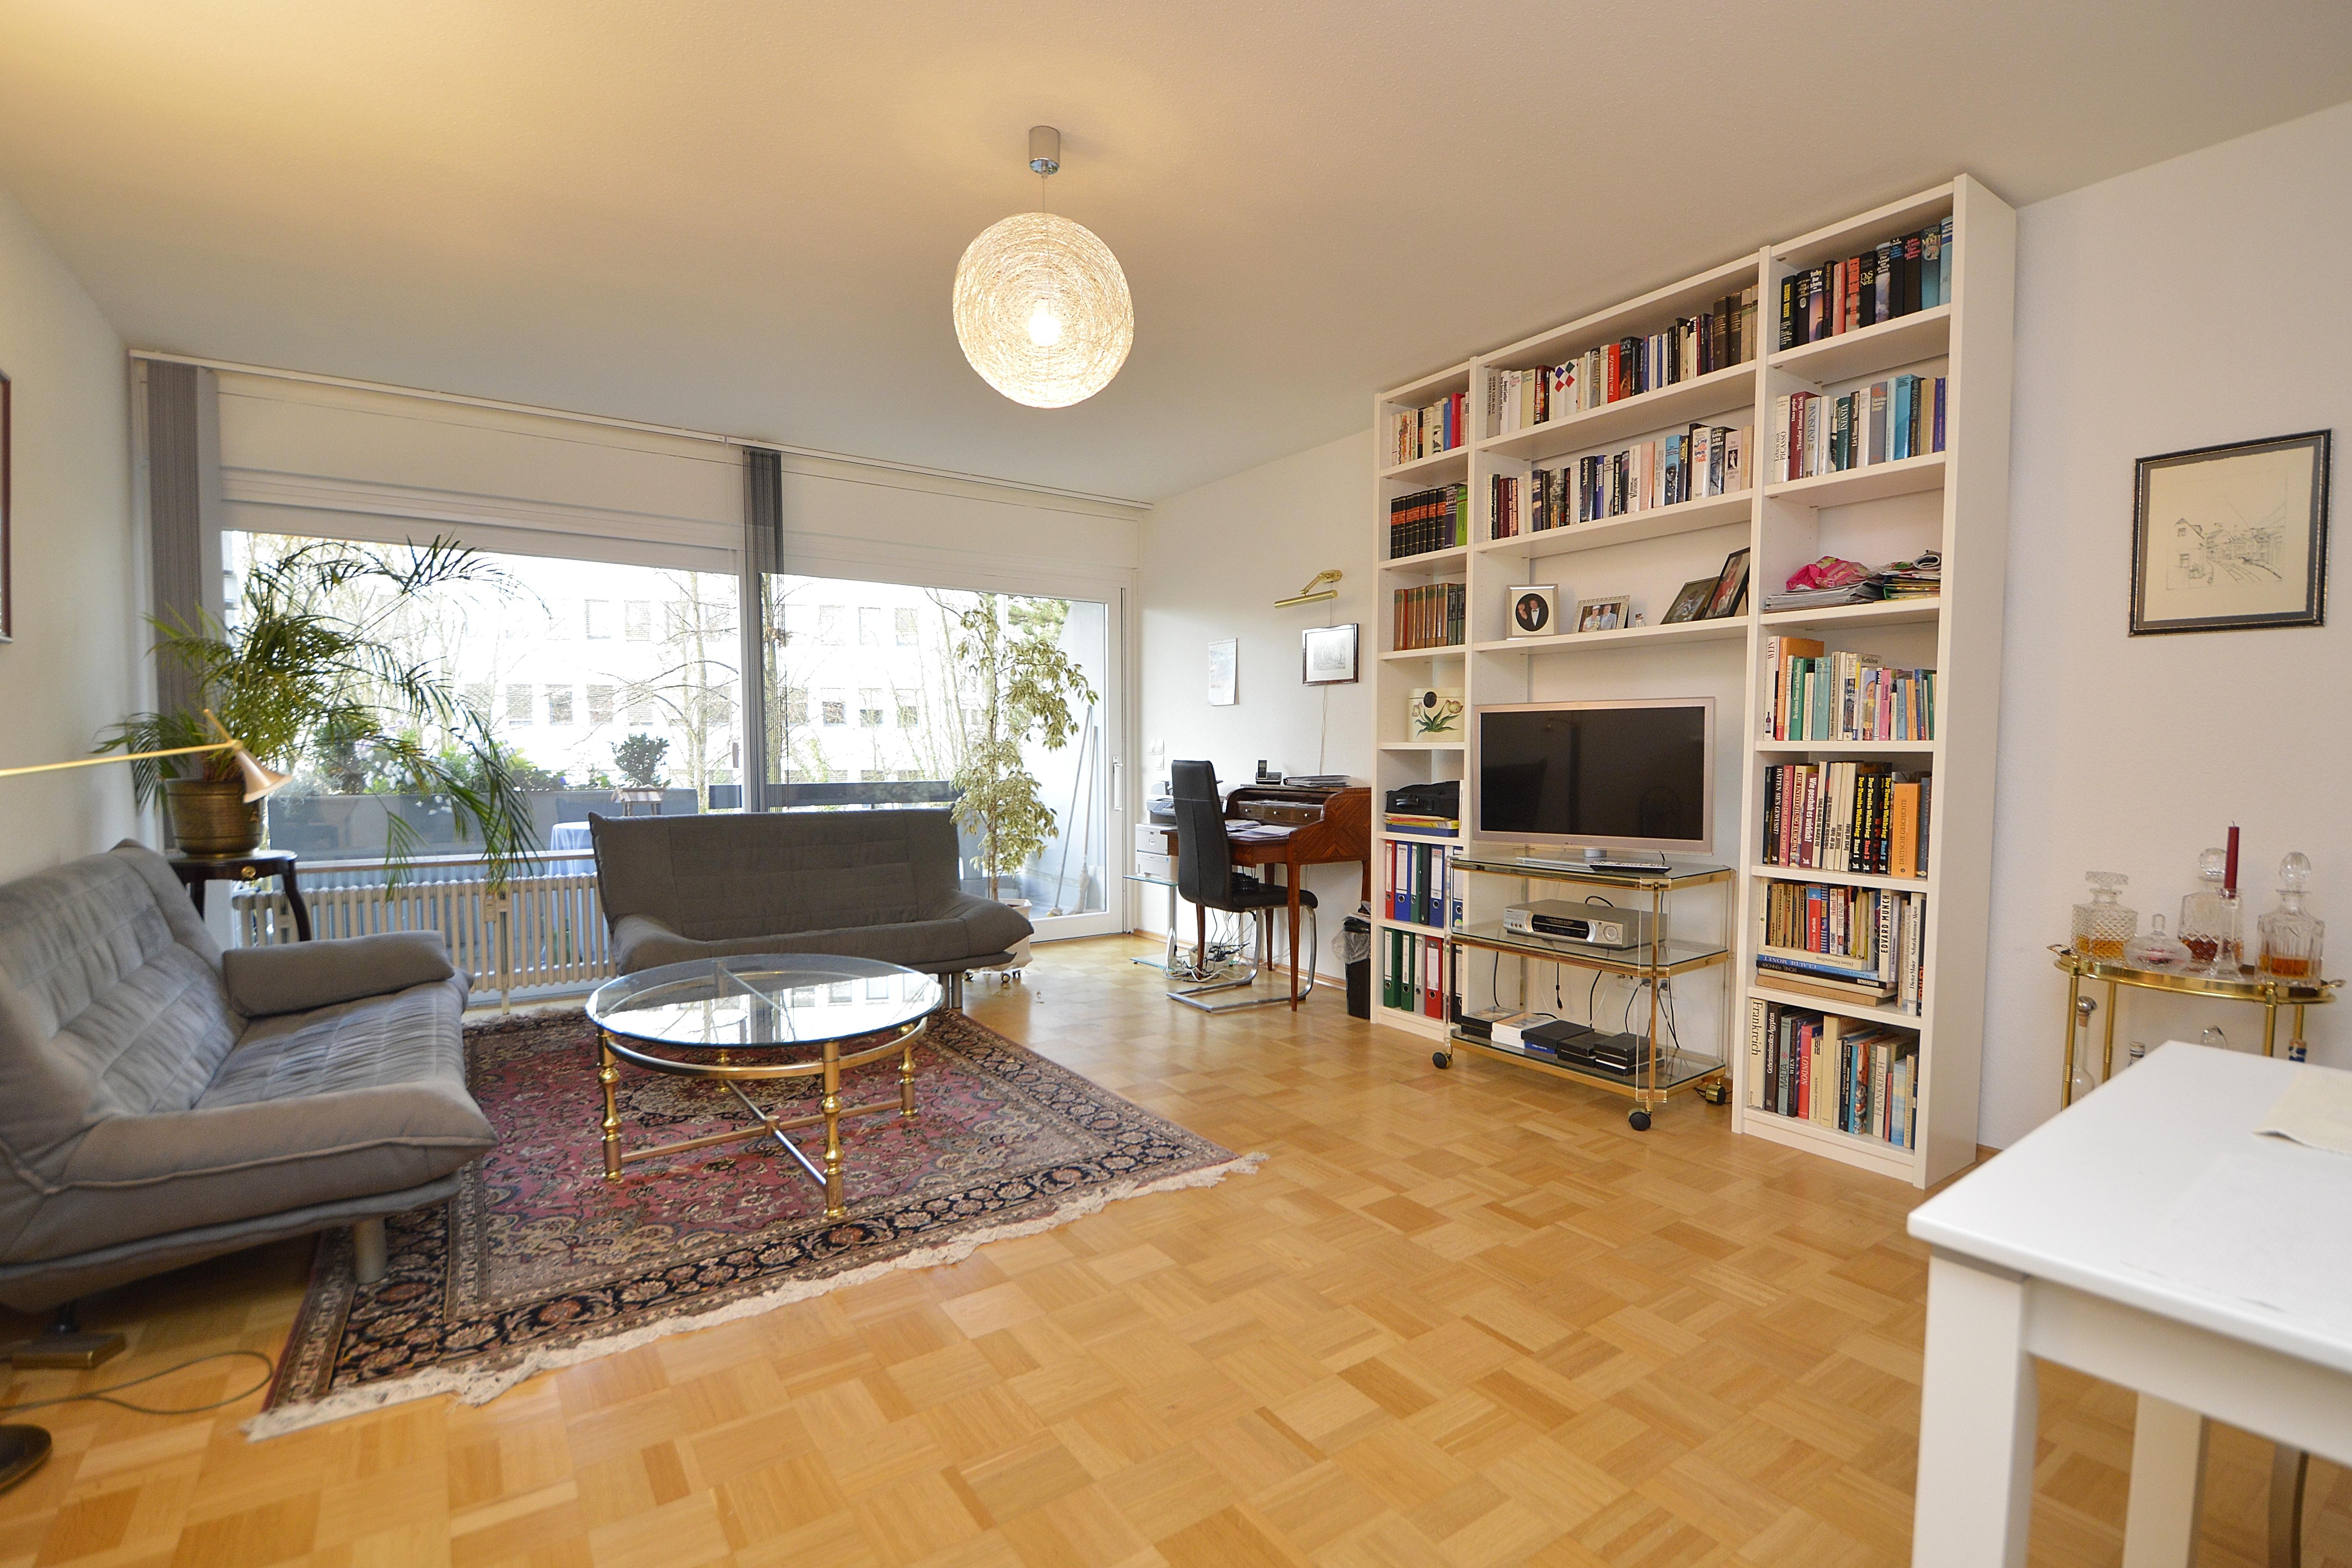 AP Immobilien GmbH - Ihr IVD Immobilienmakler aus Mainz - 65189 Wiesbaden